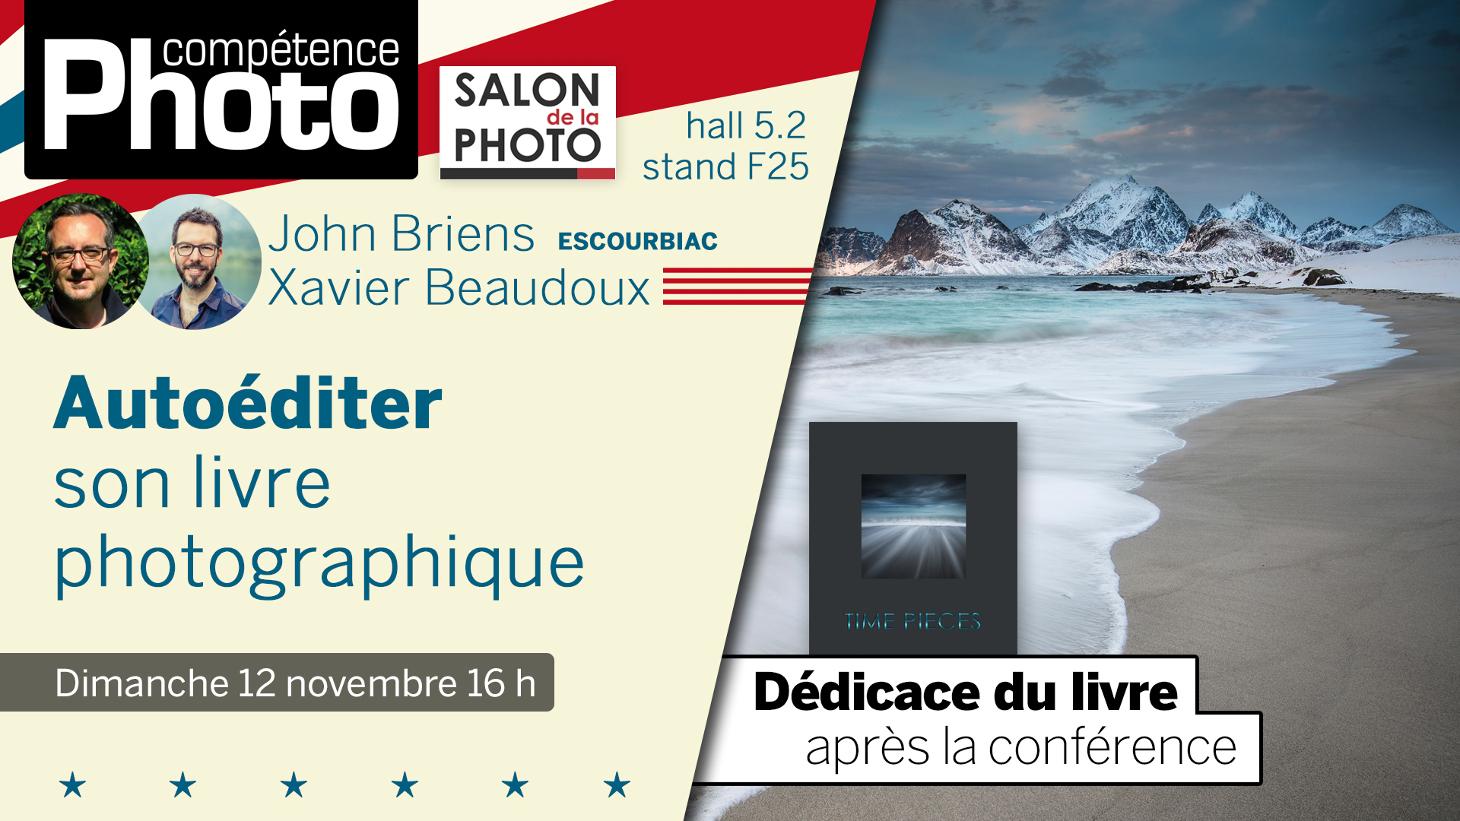 Autoéditer son livre de photographie, conférence Compétence Photo, Salon de la Photo, Paris 2017